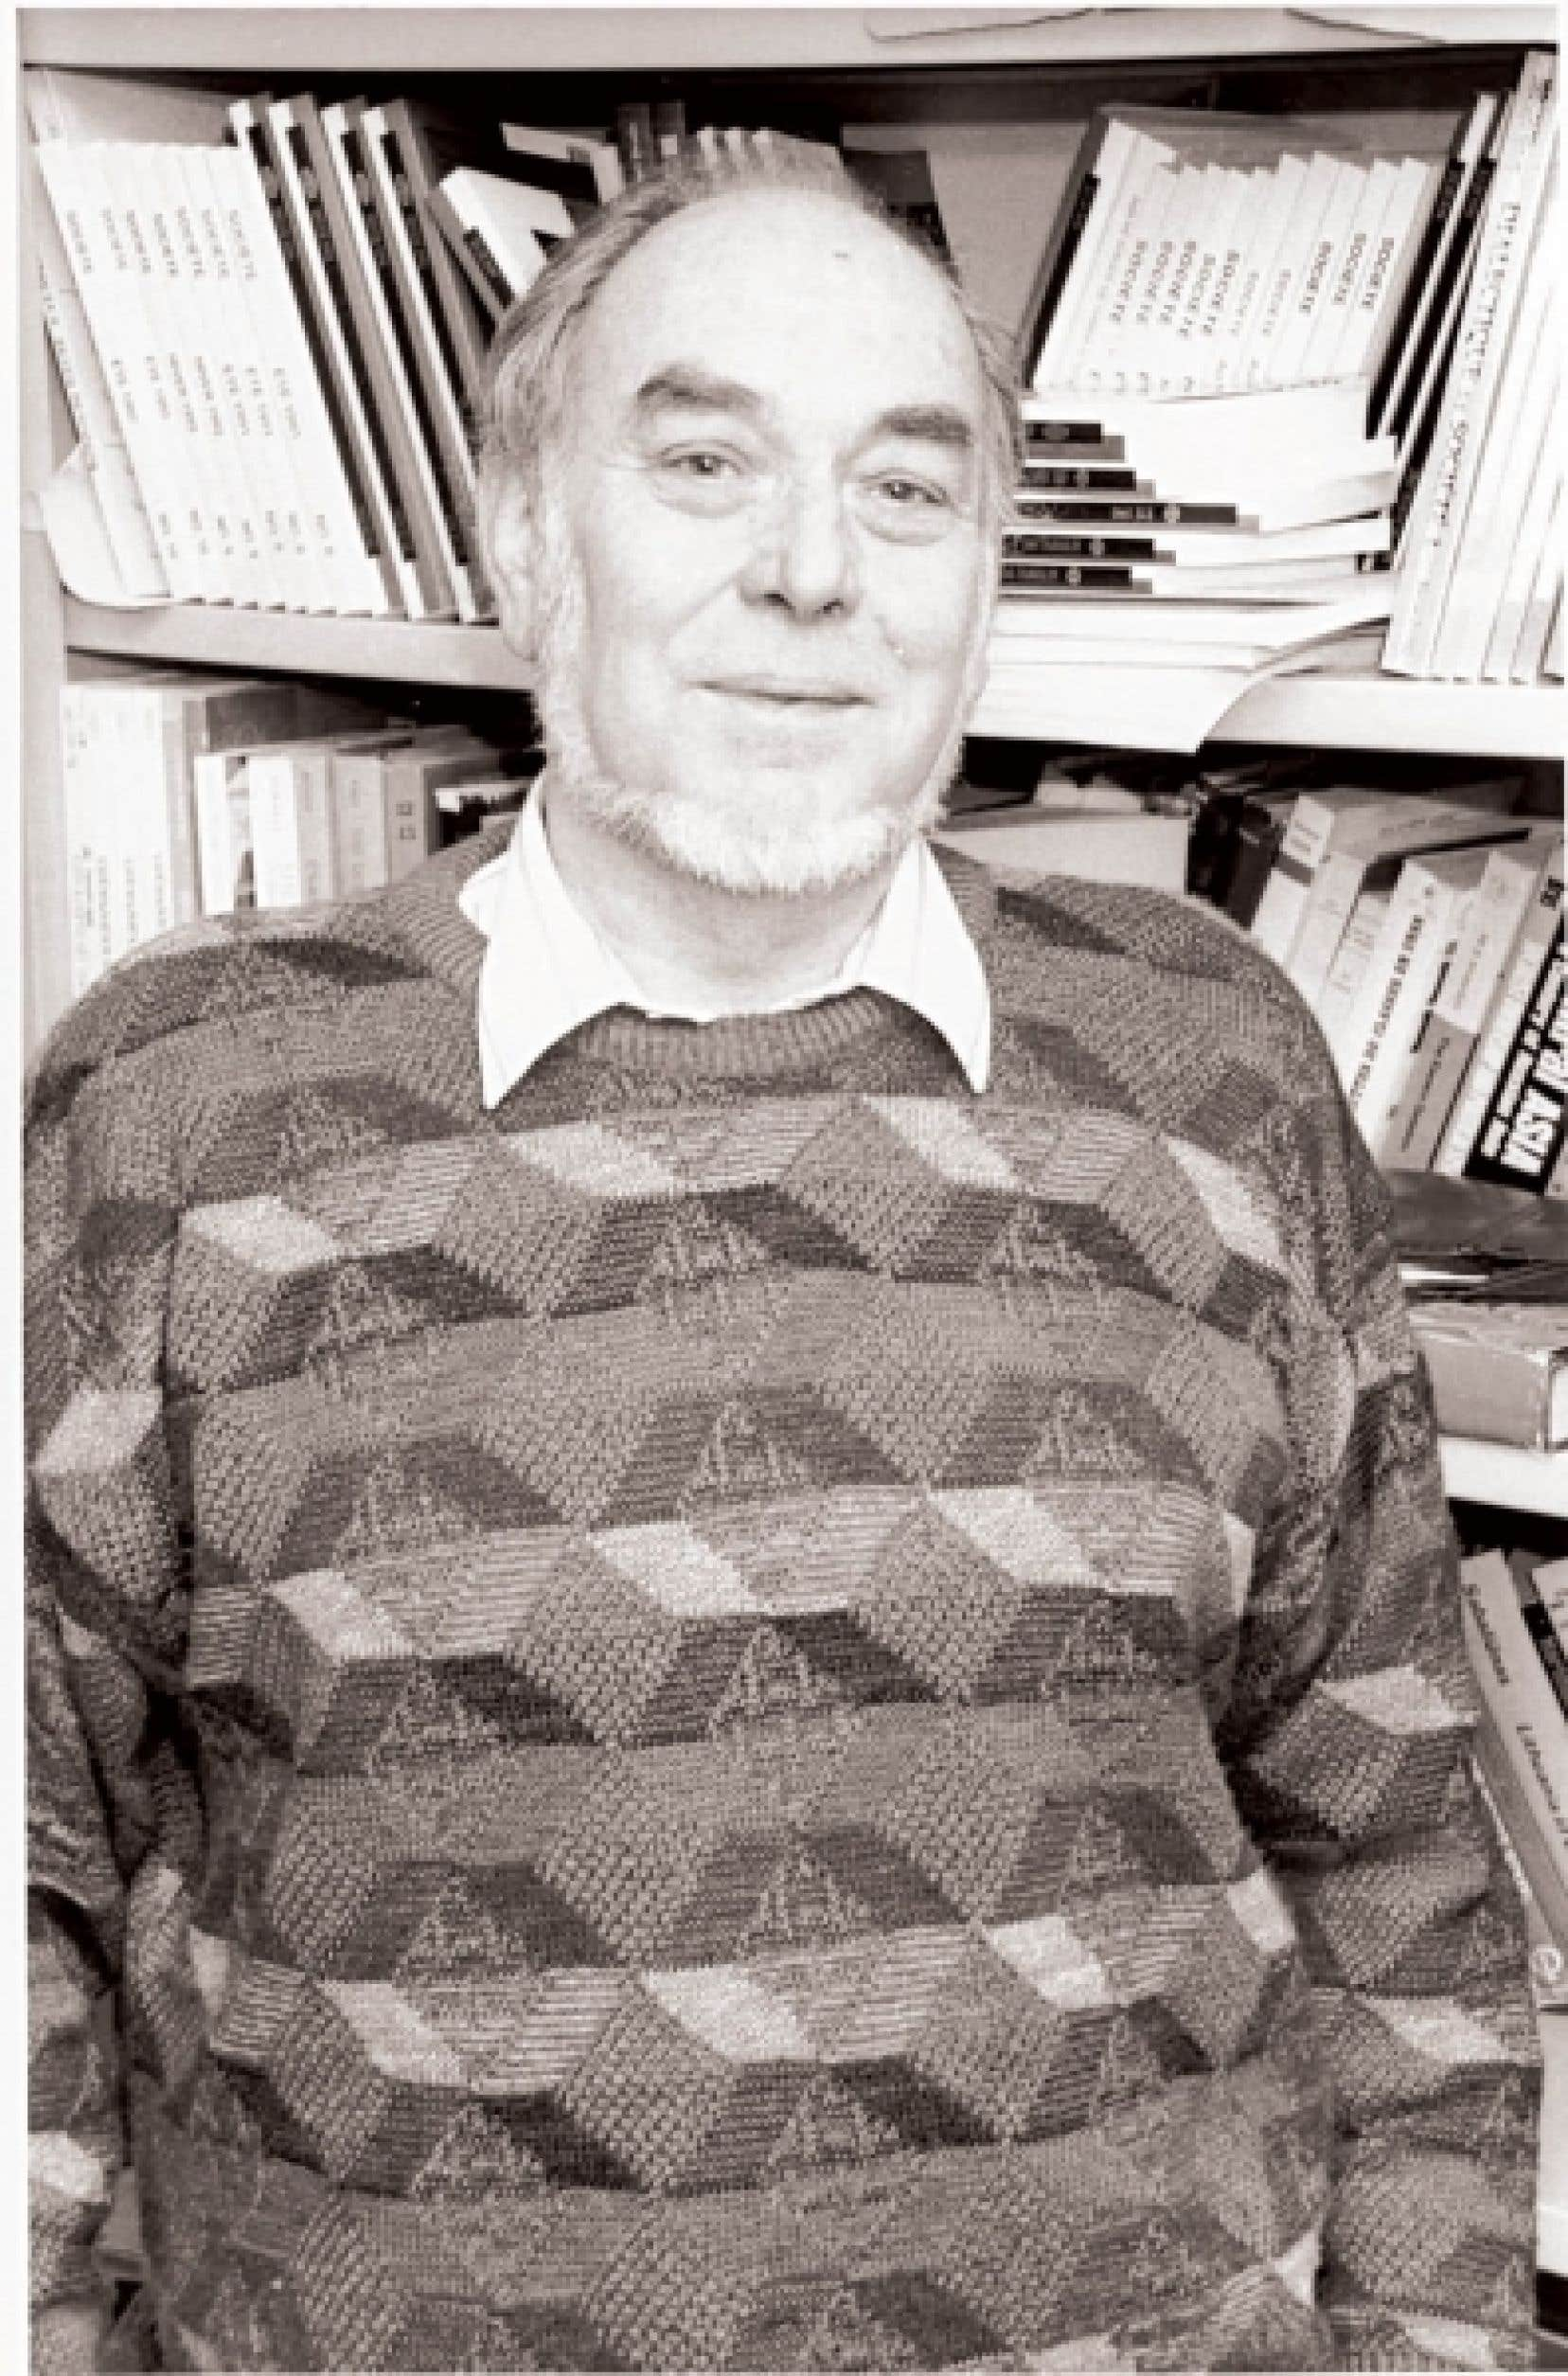 Michel Freitag